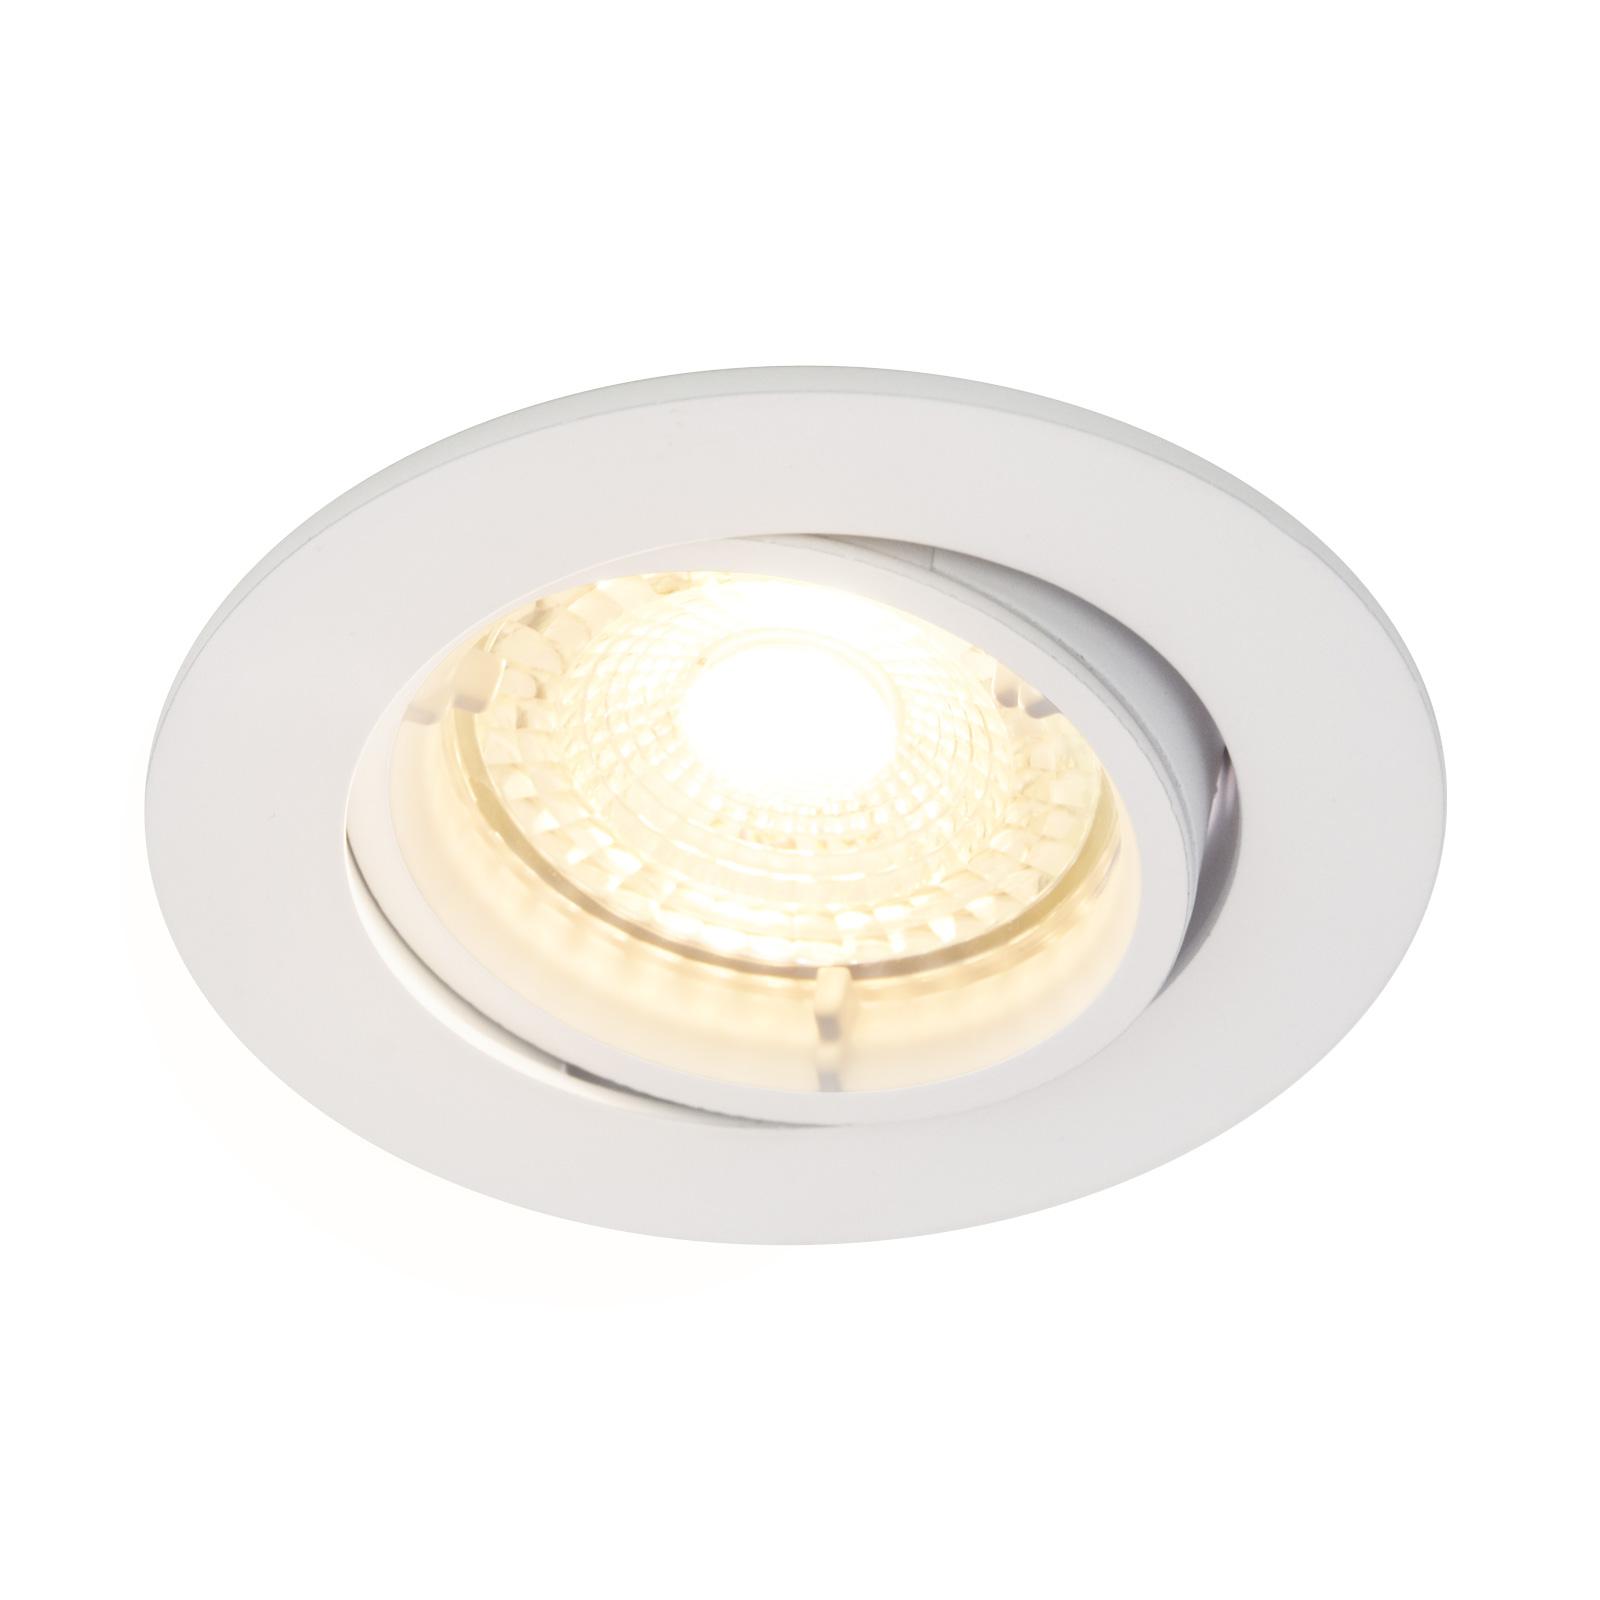 LED inbouwspot Carina 2.700K dim tilt 3-set wit